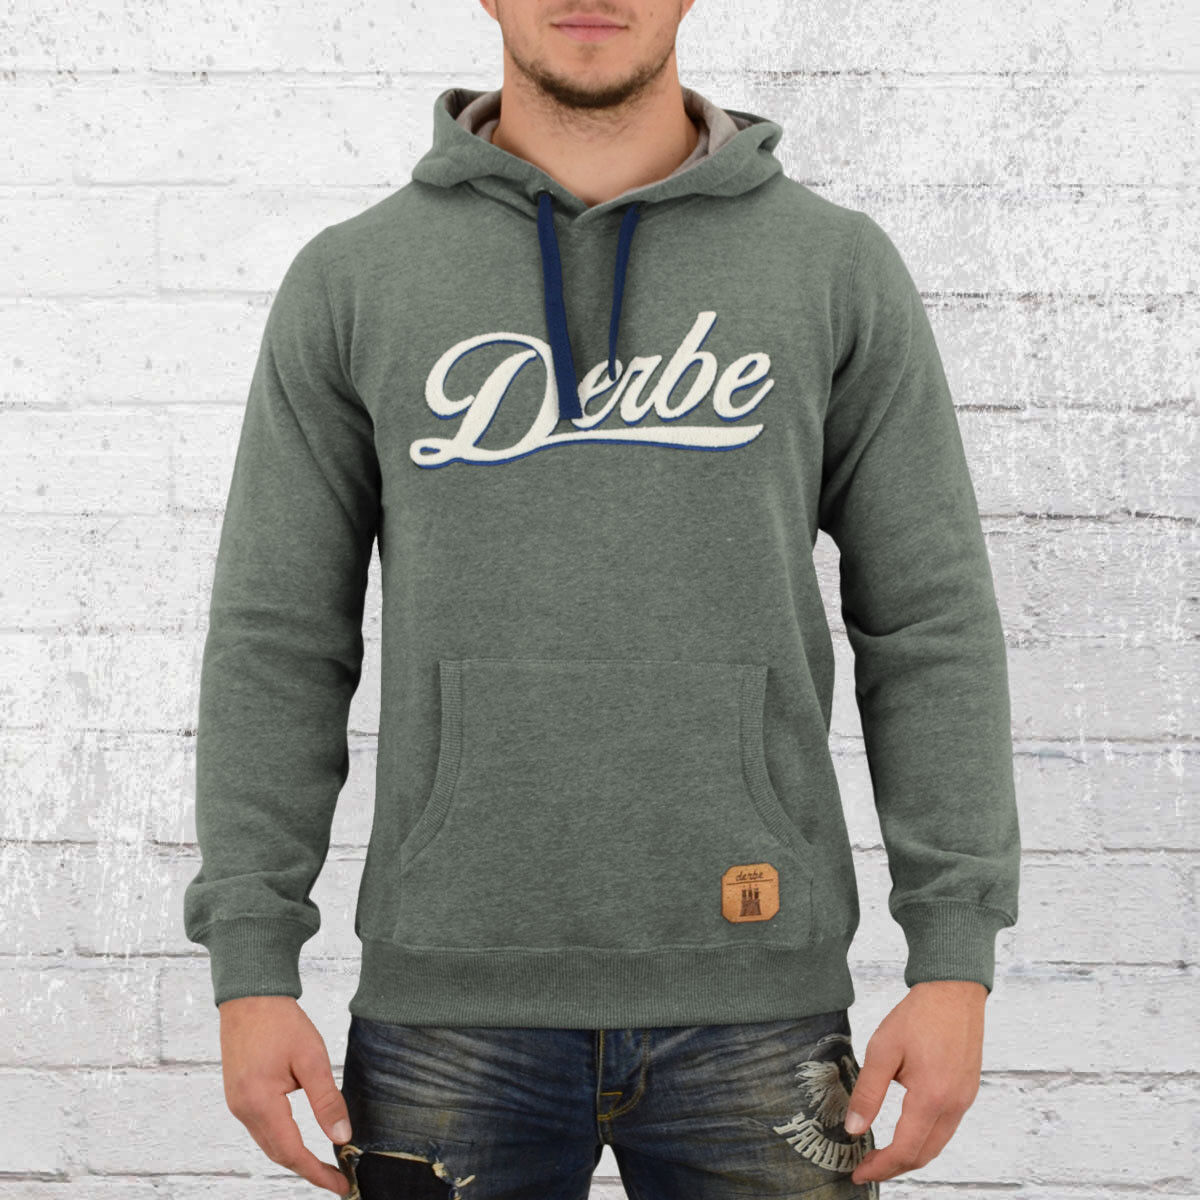 Derbe Männer Kapuzen-Sweatshirt Roadmovie grün Pullover Hoody Hoodie Sweater